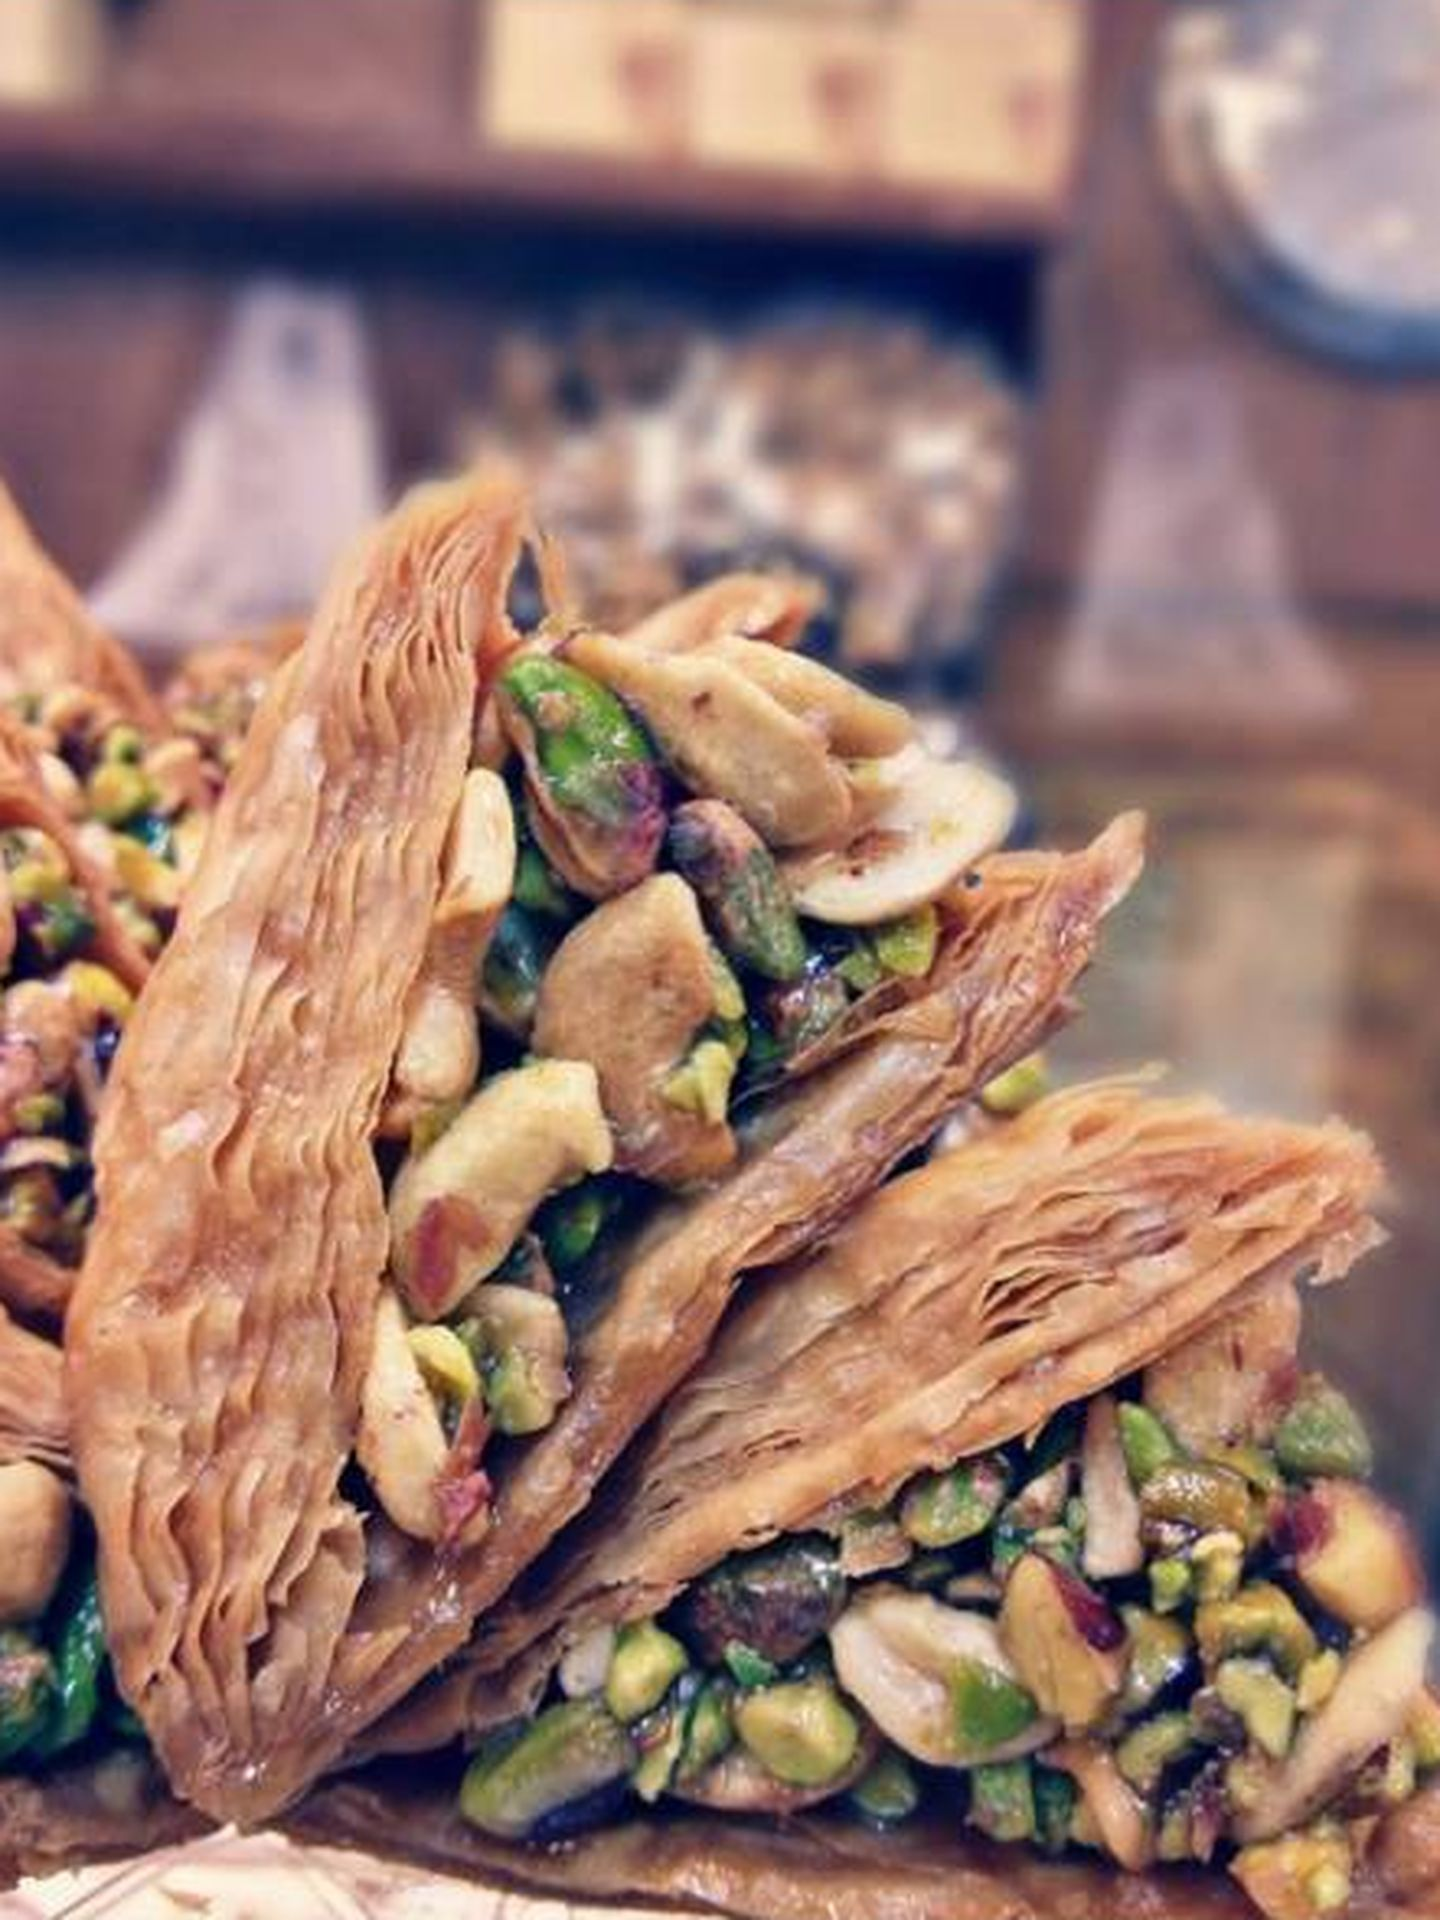 El kebab es probablemente el plato de la cocina árabe más conocido en Occidente